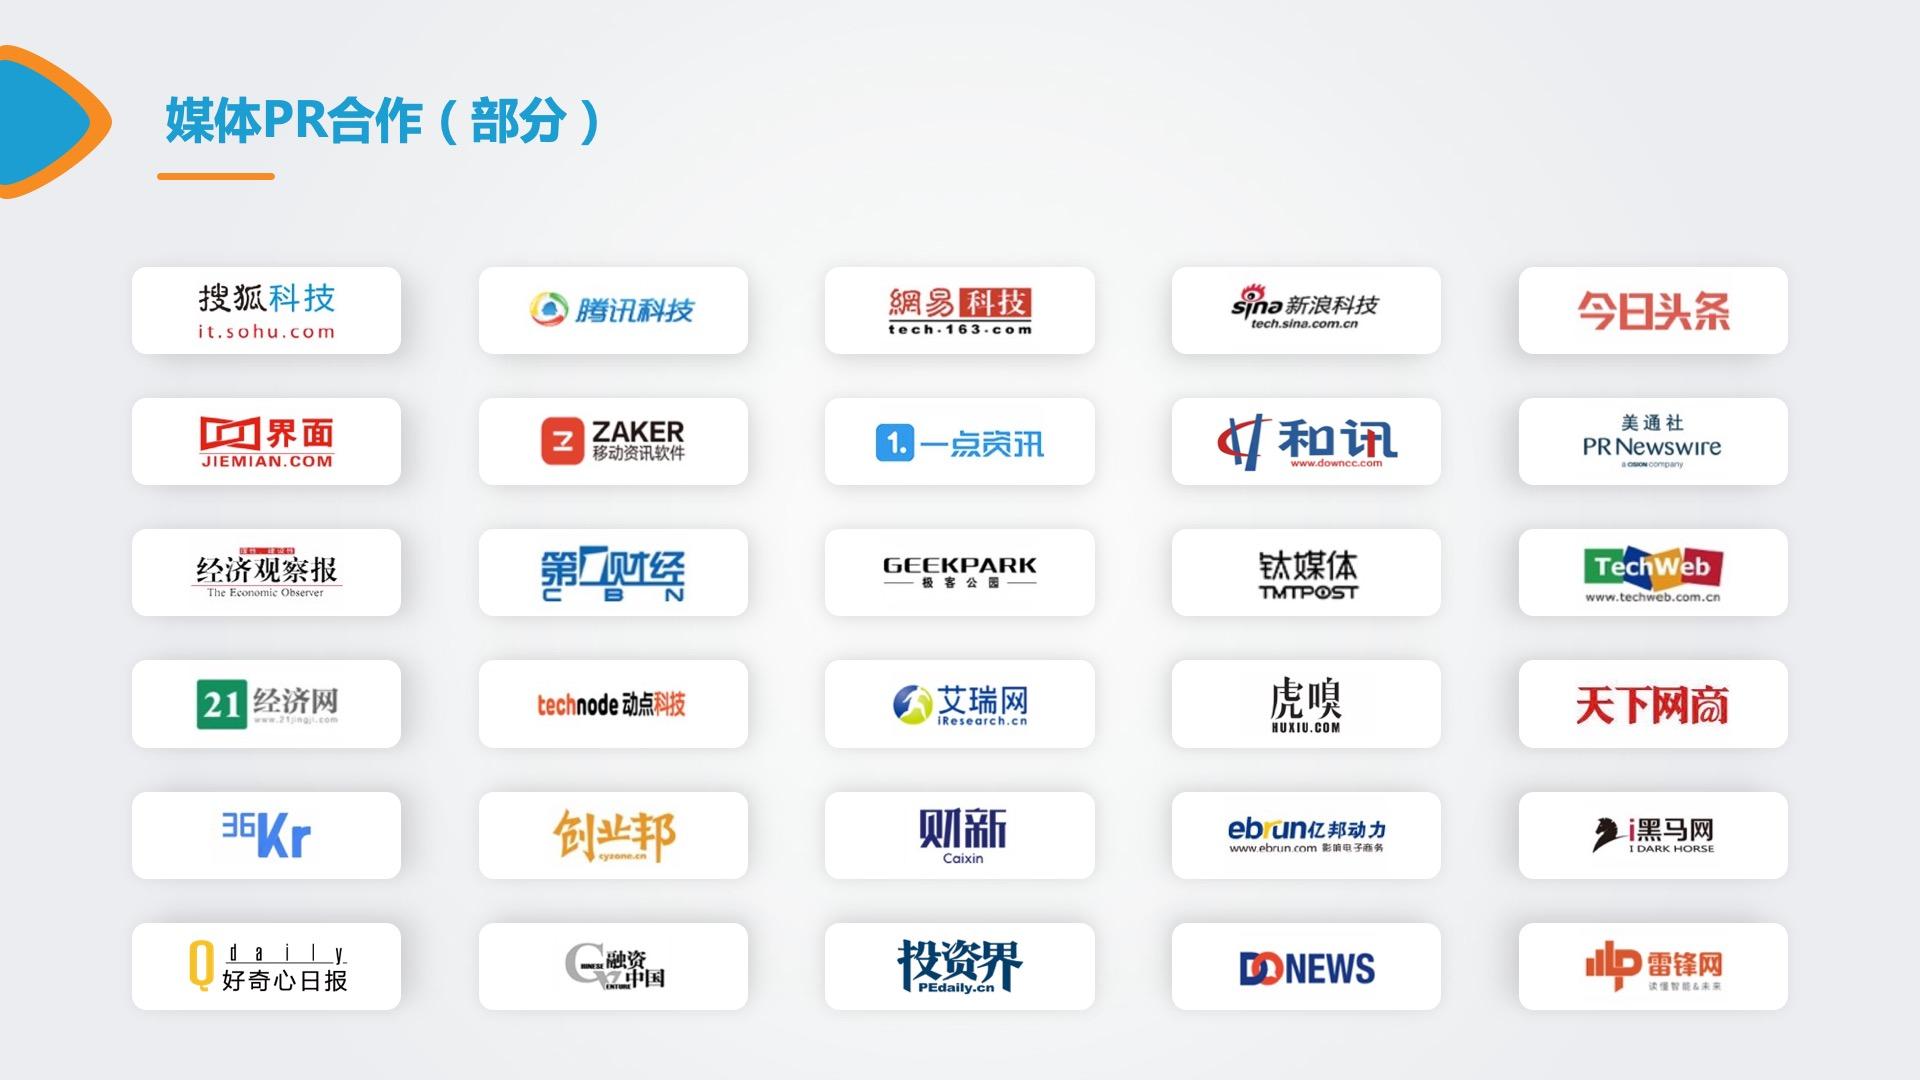 新形势·新突破 GIIS2019中国教育行业创新峰会(北京)